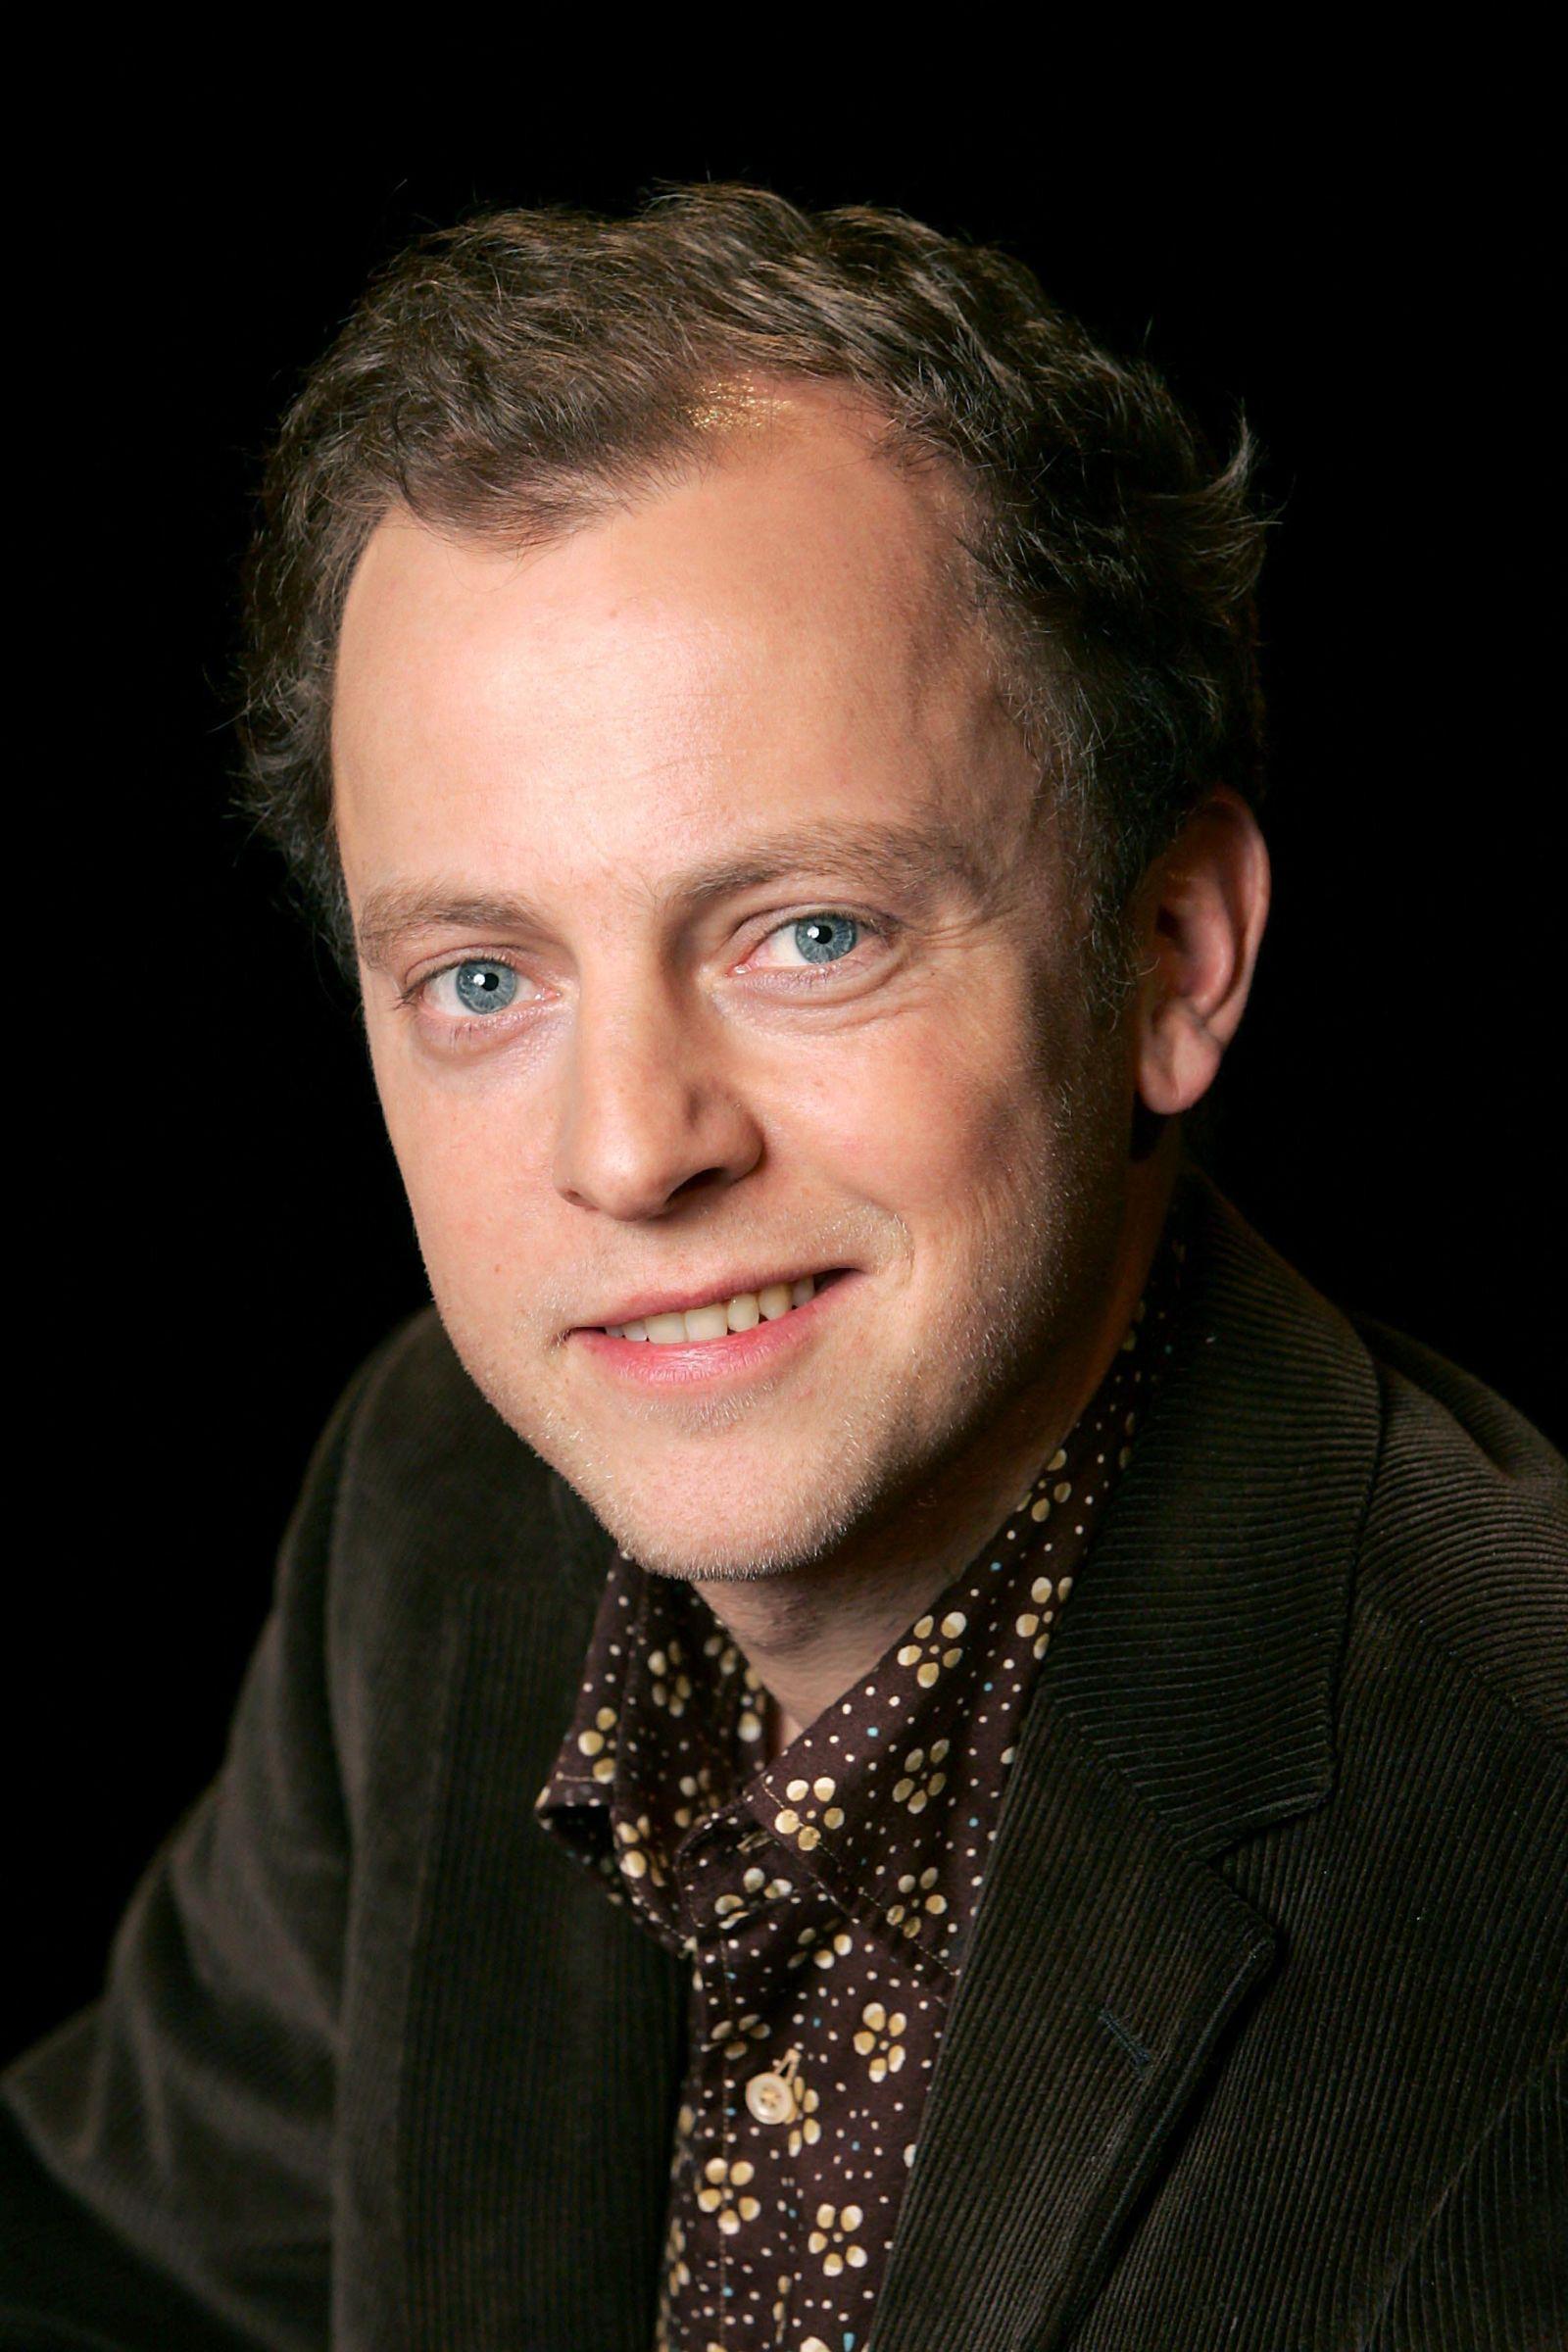 Philipp Brammer/ Vermisst